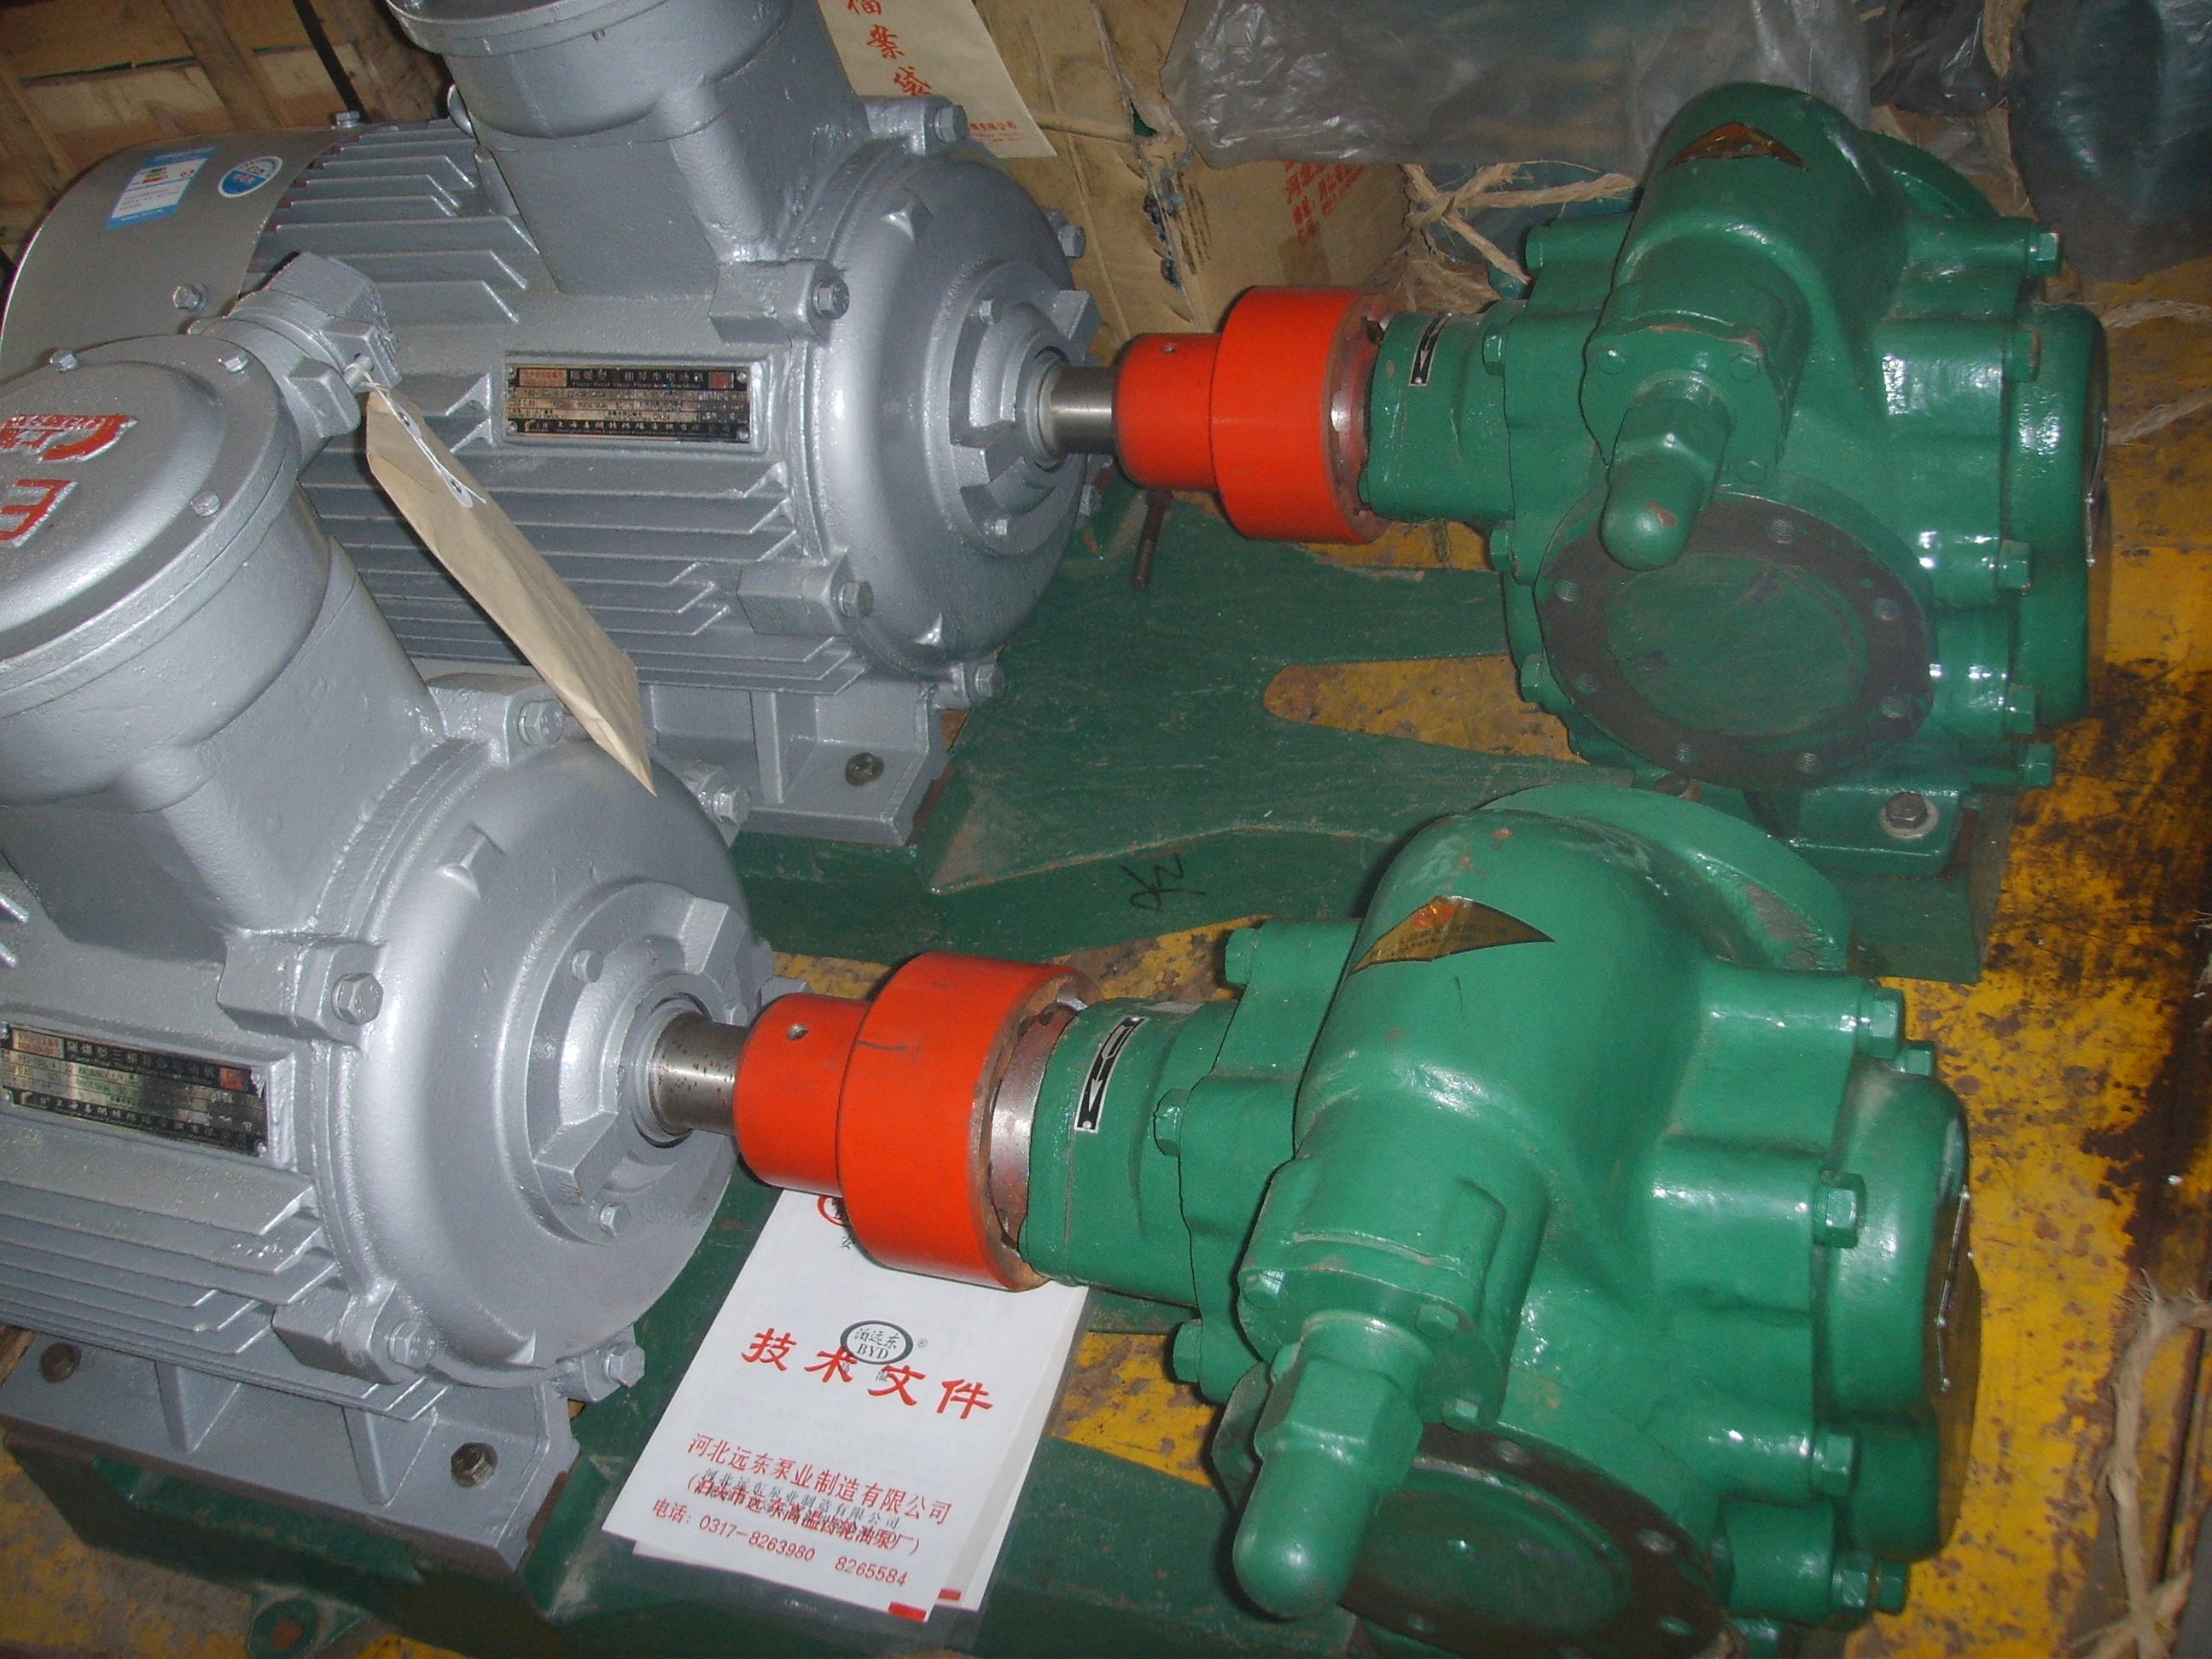 远东品牌油泵,生产厂家,输送油的KCB系列齿轮油泵,增压齿轮泵,质量可靠。